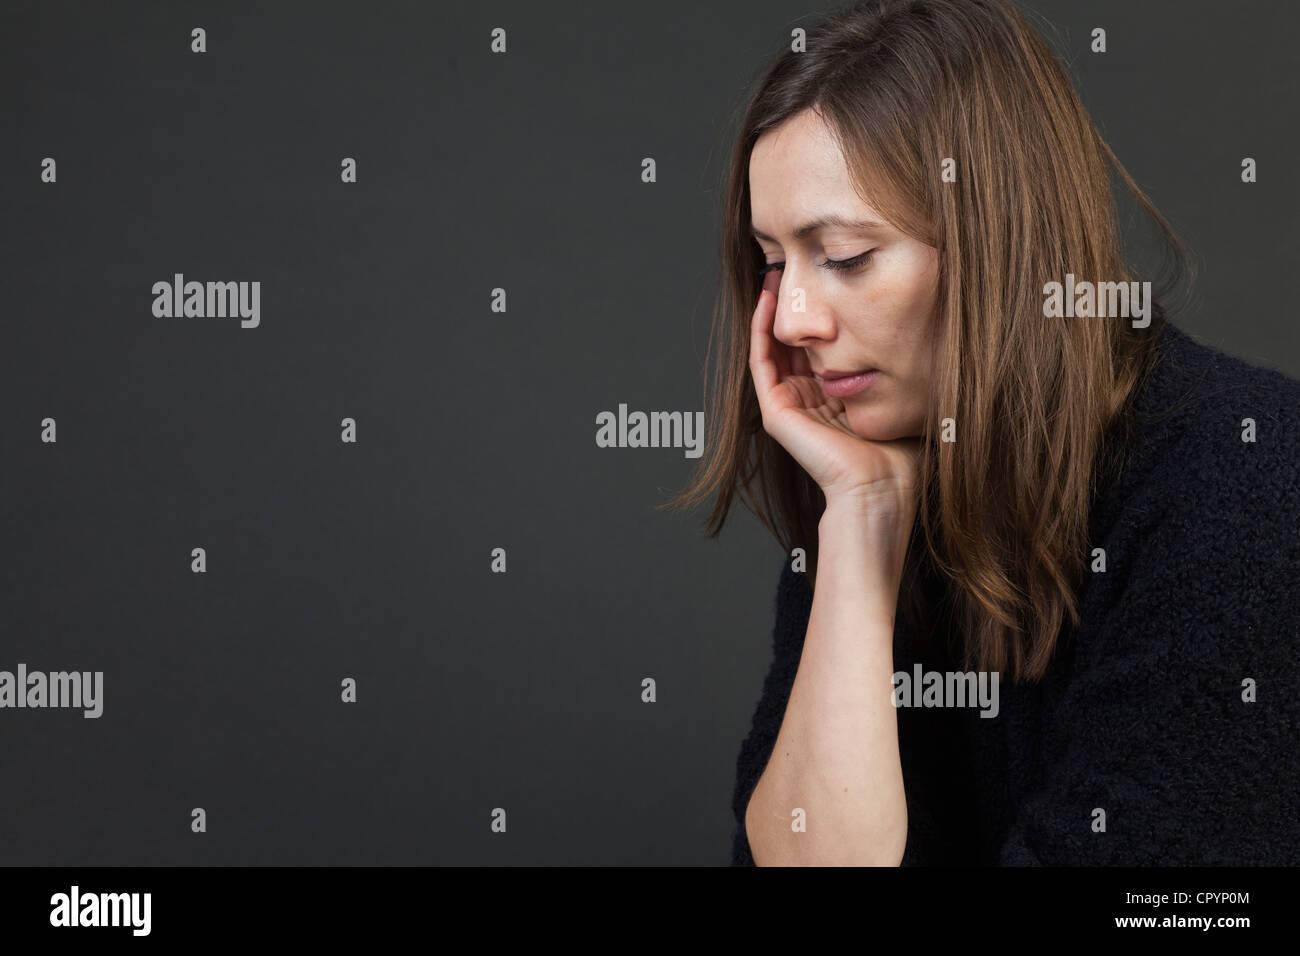 Femme, triste, des dépressions, des soucis Photo Stock